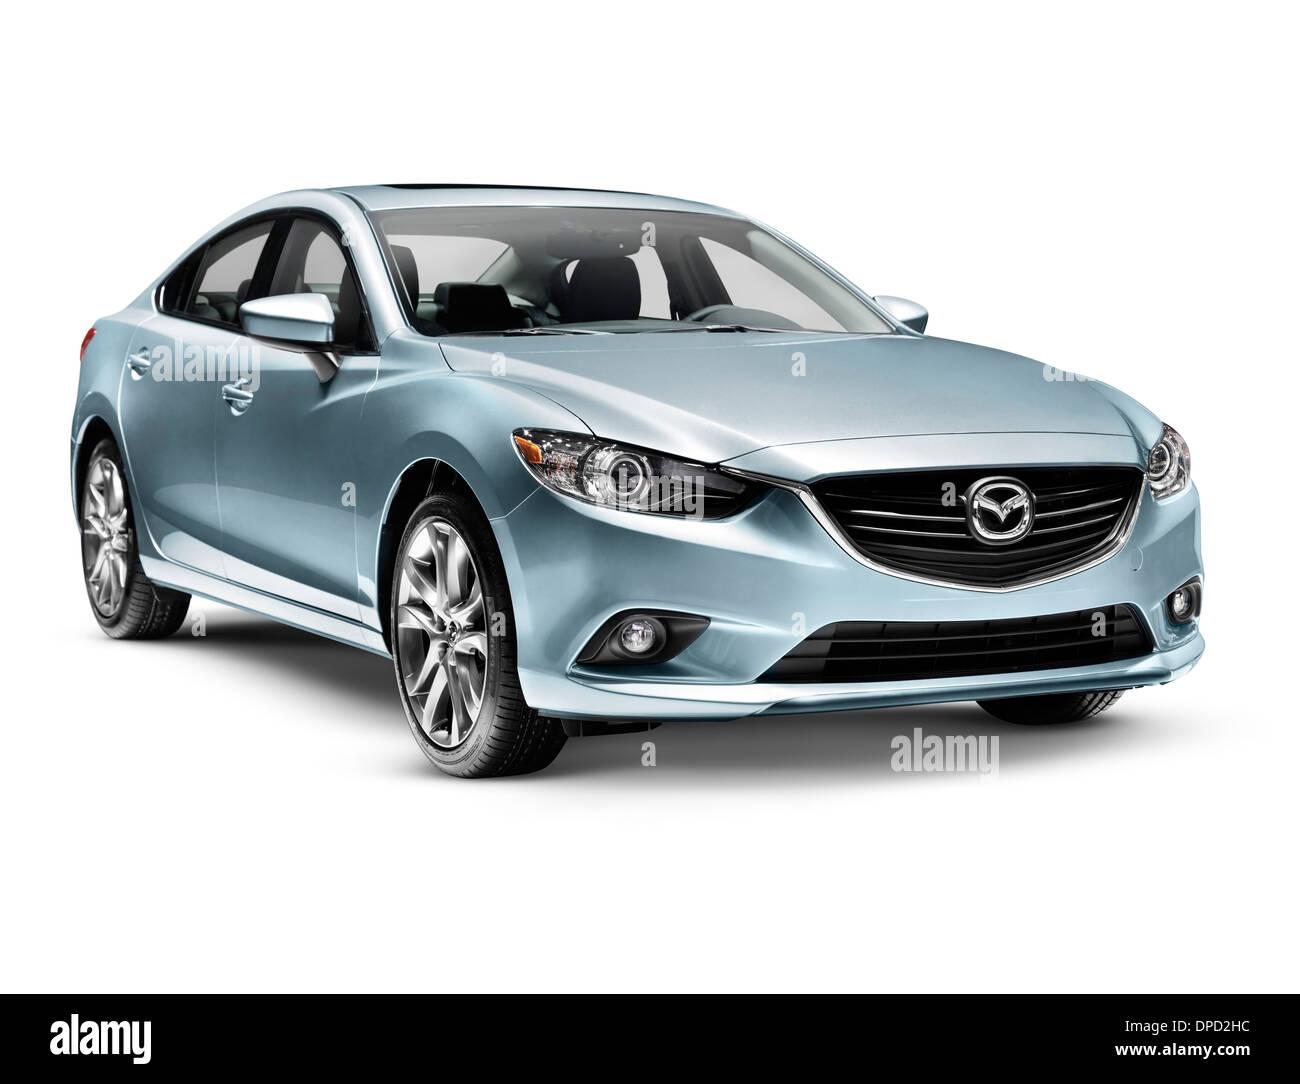 Blue 2014 Mazda Mazda6 Midsize Sedan Car Isolated On White Background Stock Photo Alamy